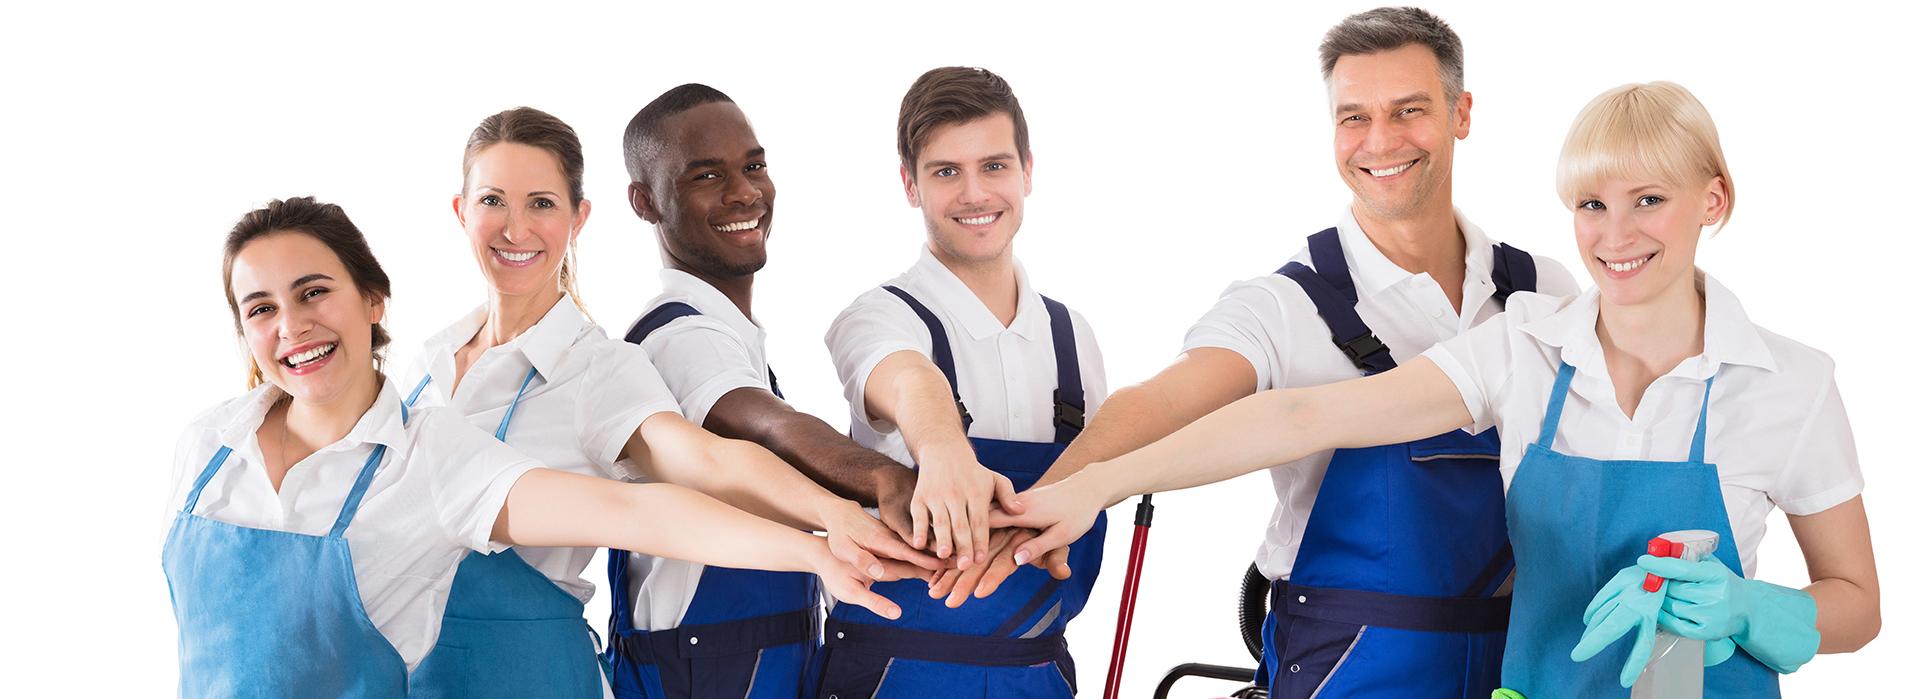 Palvelusopimus turvaa myös työntekijöitä. Ryhmä iloisia siivousammattilaisia.